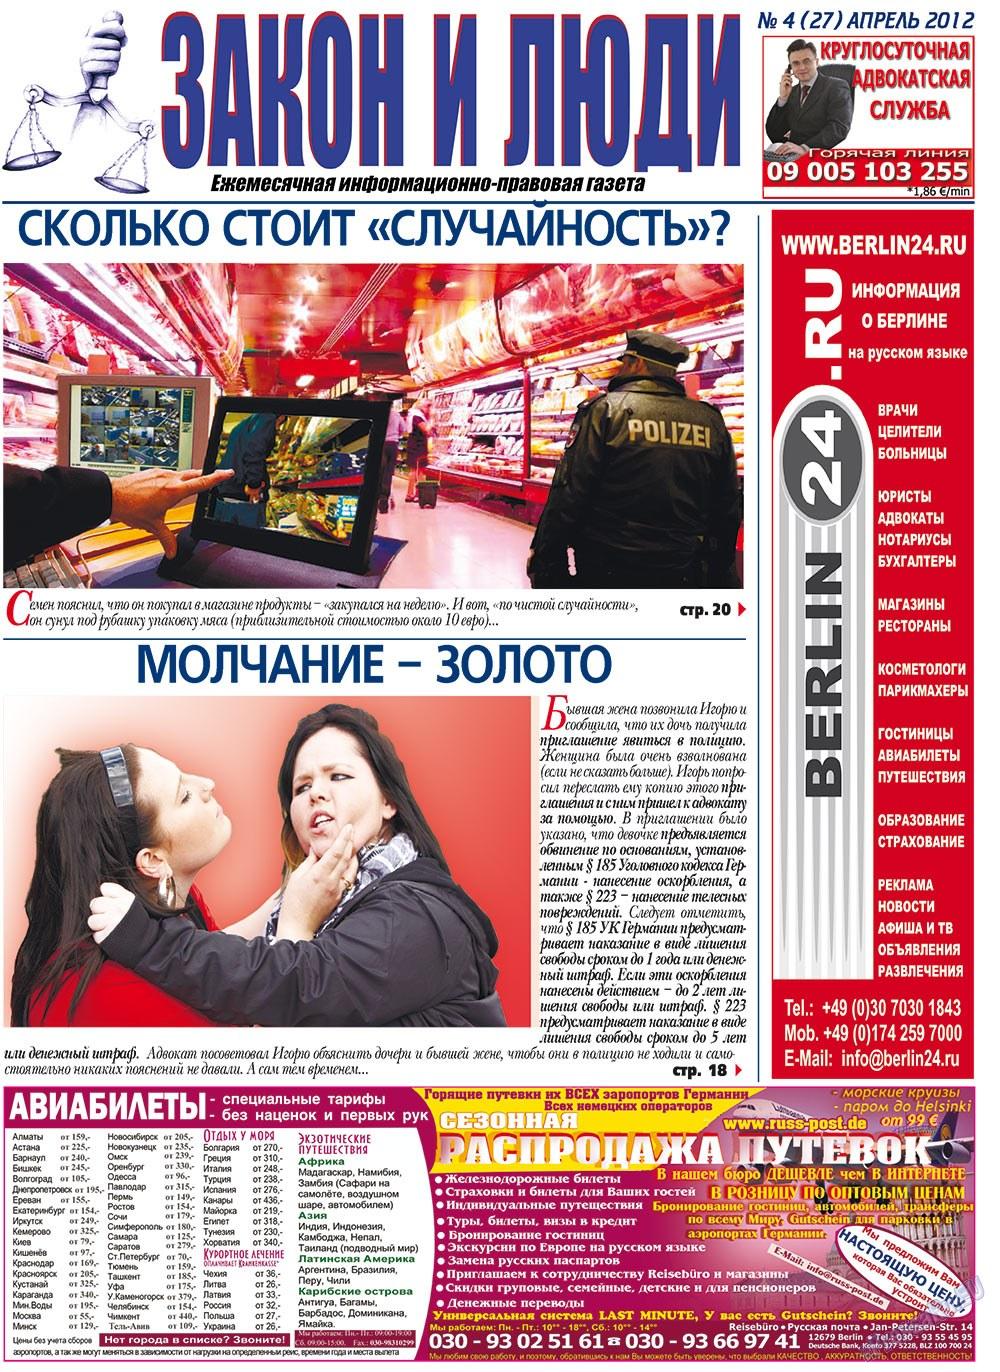 Закон и люди (газета). 2012 год, номер 4, стр. 1